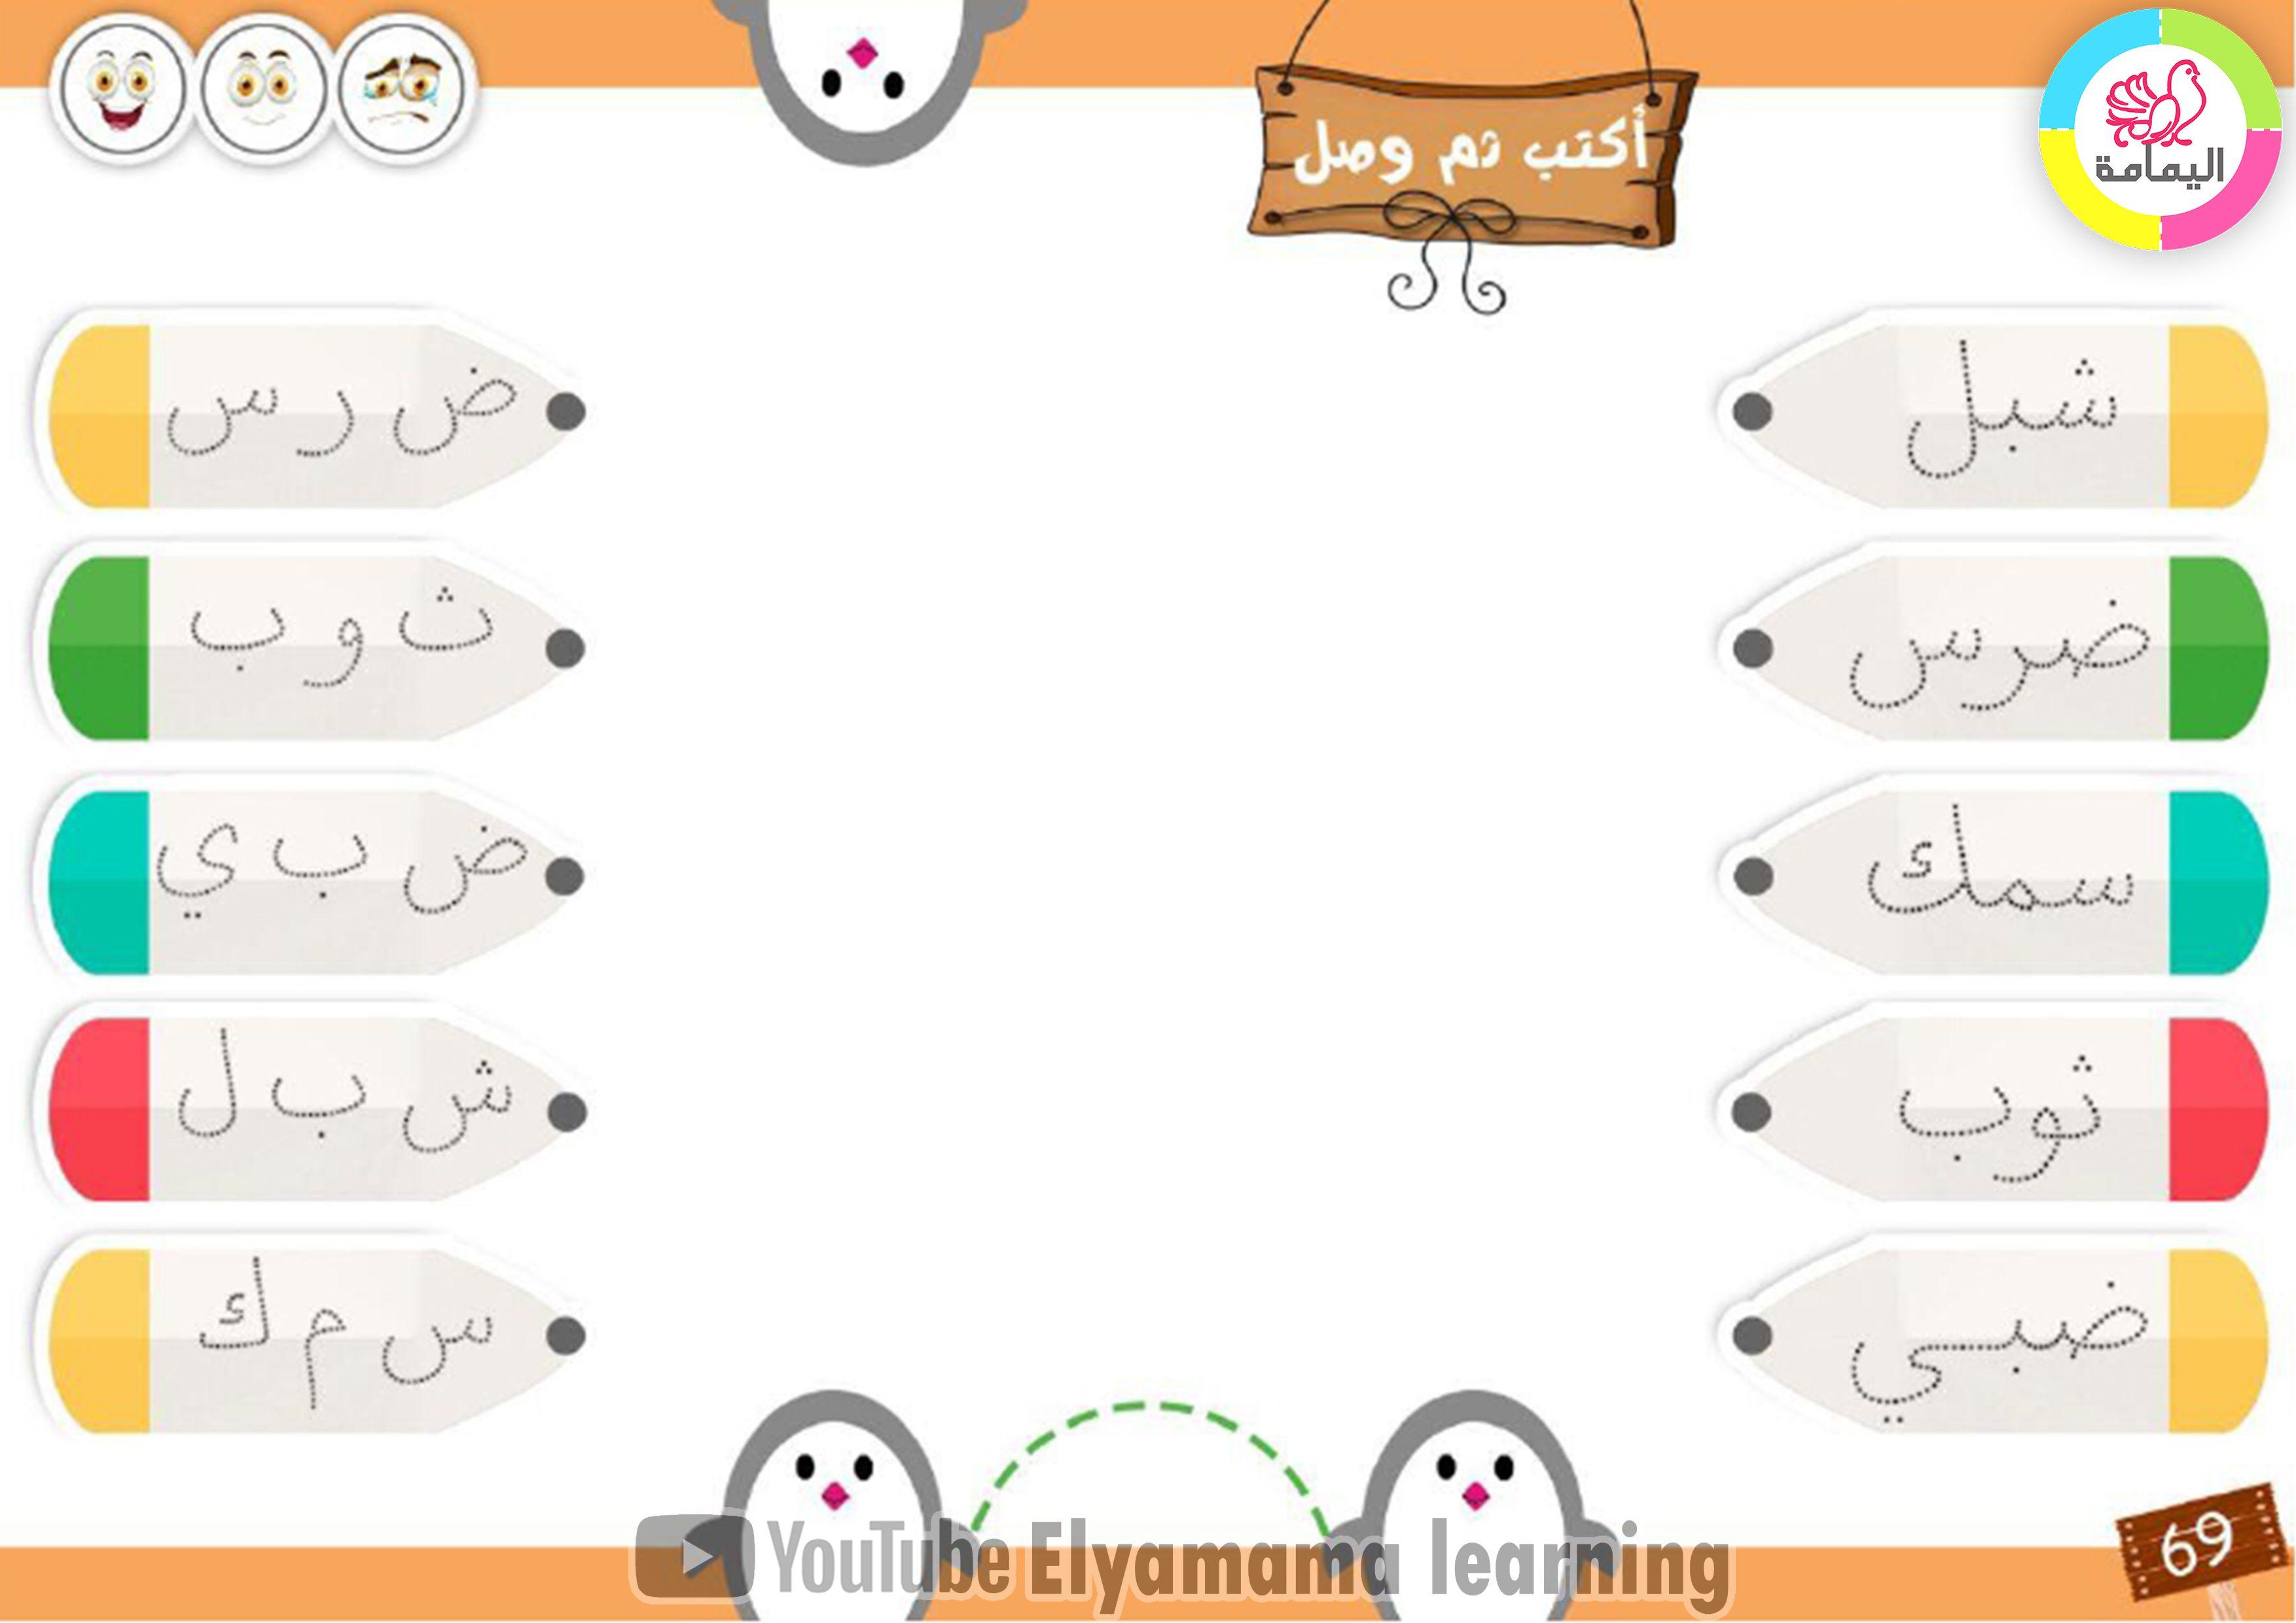 كراسة خط منقط أفكار لأنشطة رياض أطفال وسائل تعليمية من خامات البيئة الوسائل التعليمية حروف أطفال وسائل ت Arabic Alphabet For Kids Arabic Kids Alphabet For Kids